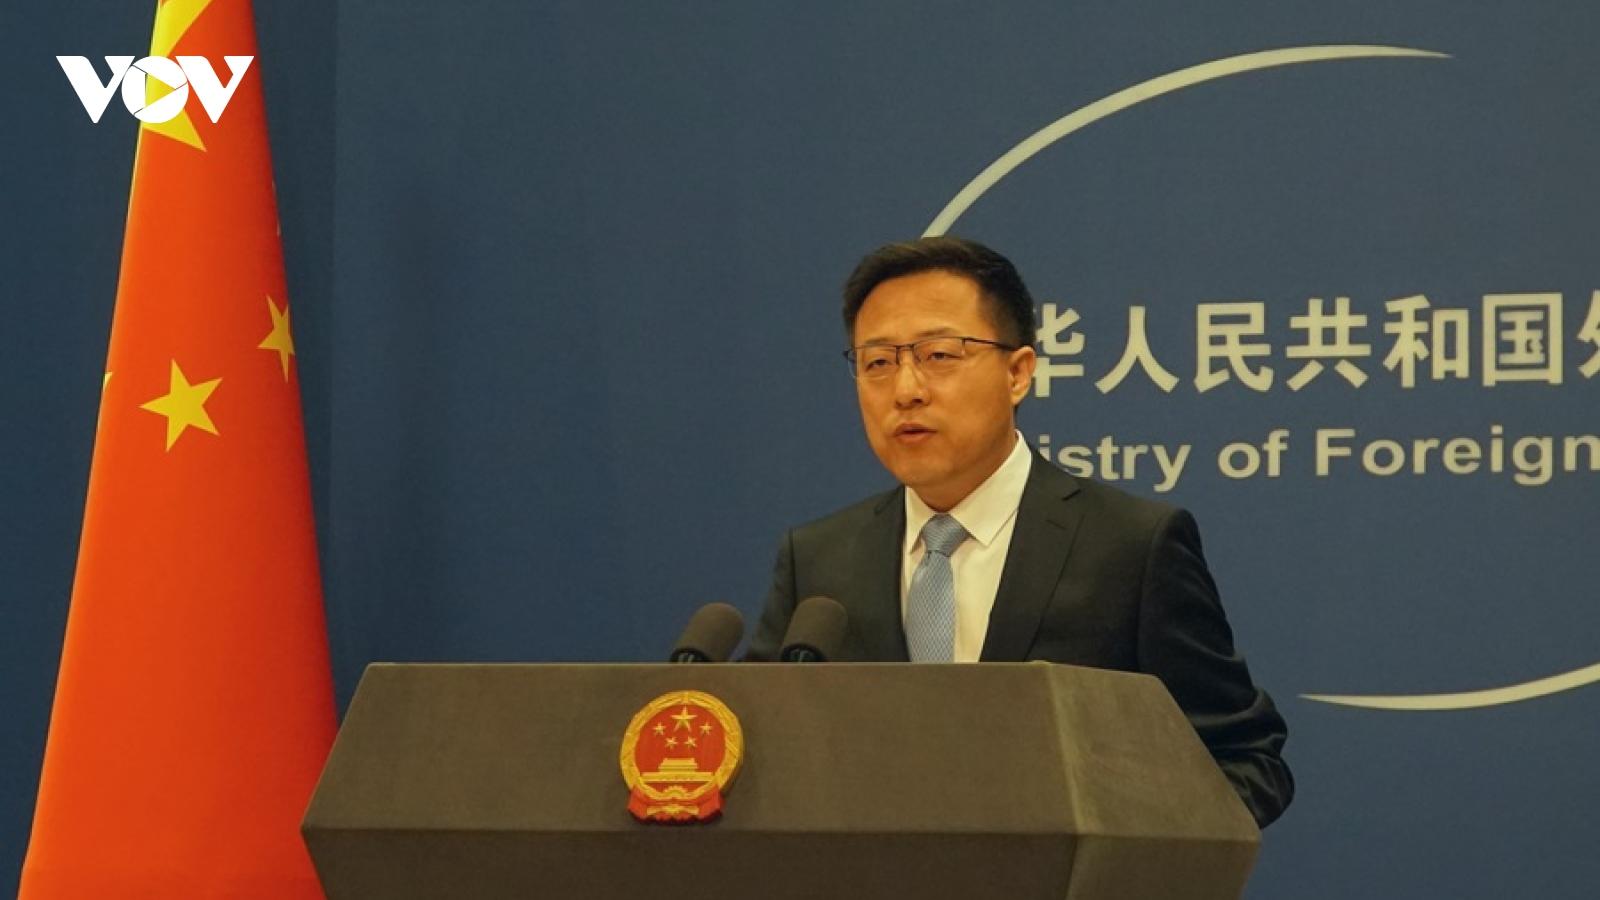 """Trung Quốc sẽ """"phản ứng cần thiết"""" với chuyến thăm Đài Loan củaquan chức tình báo Mỹ"""